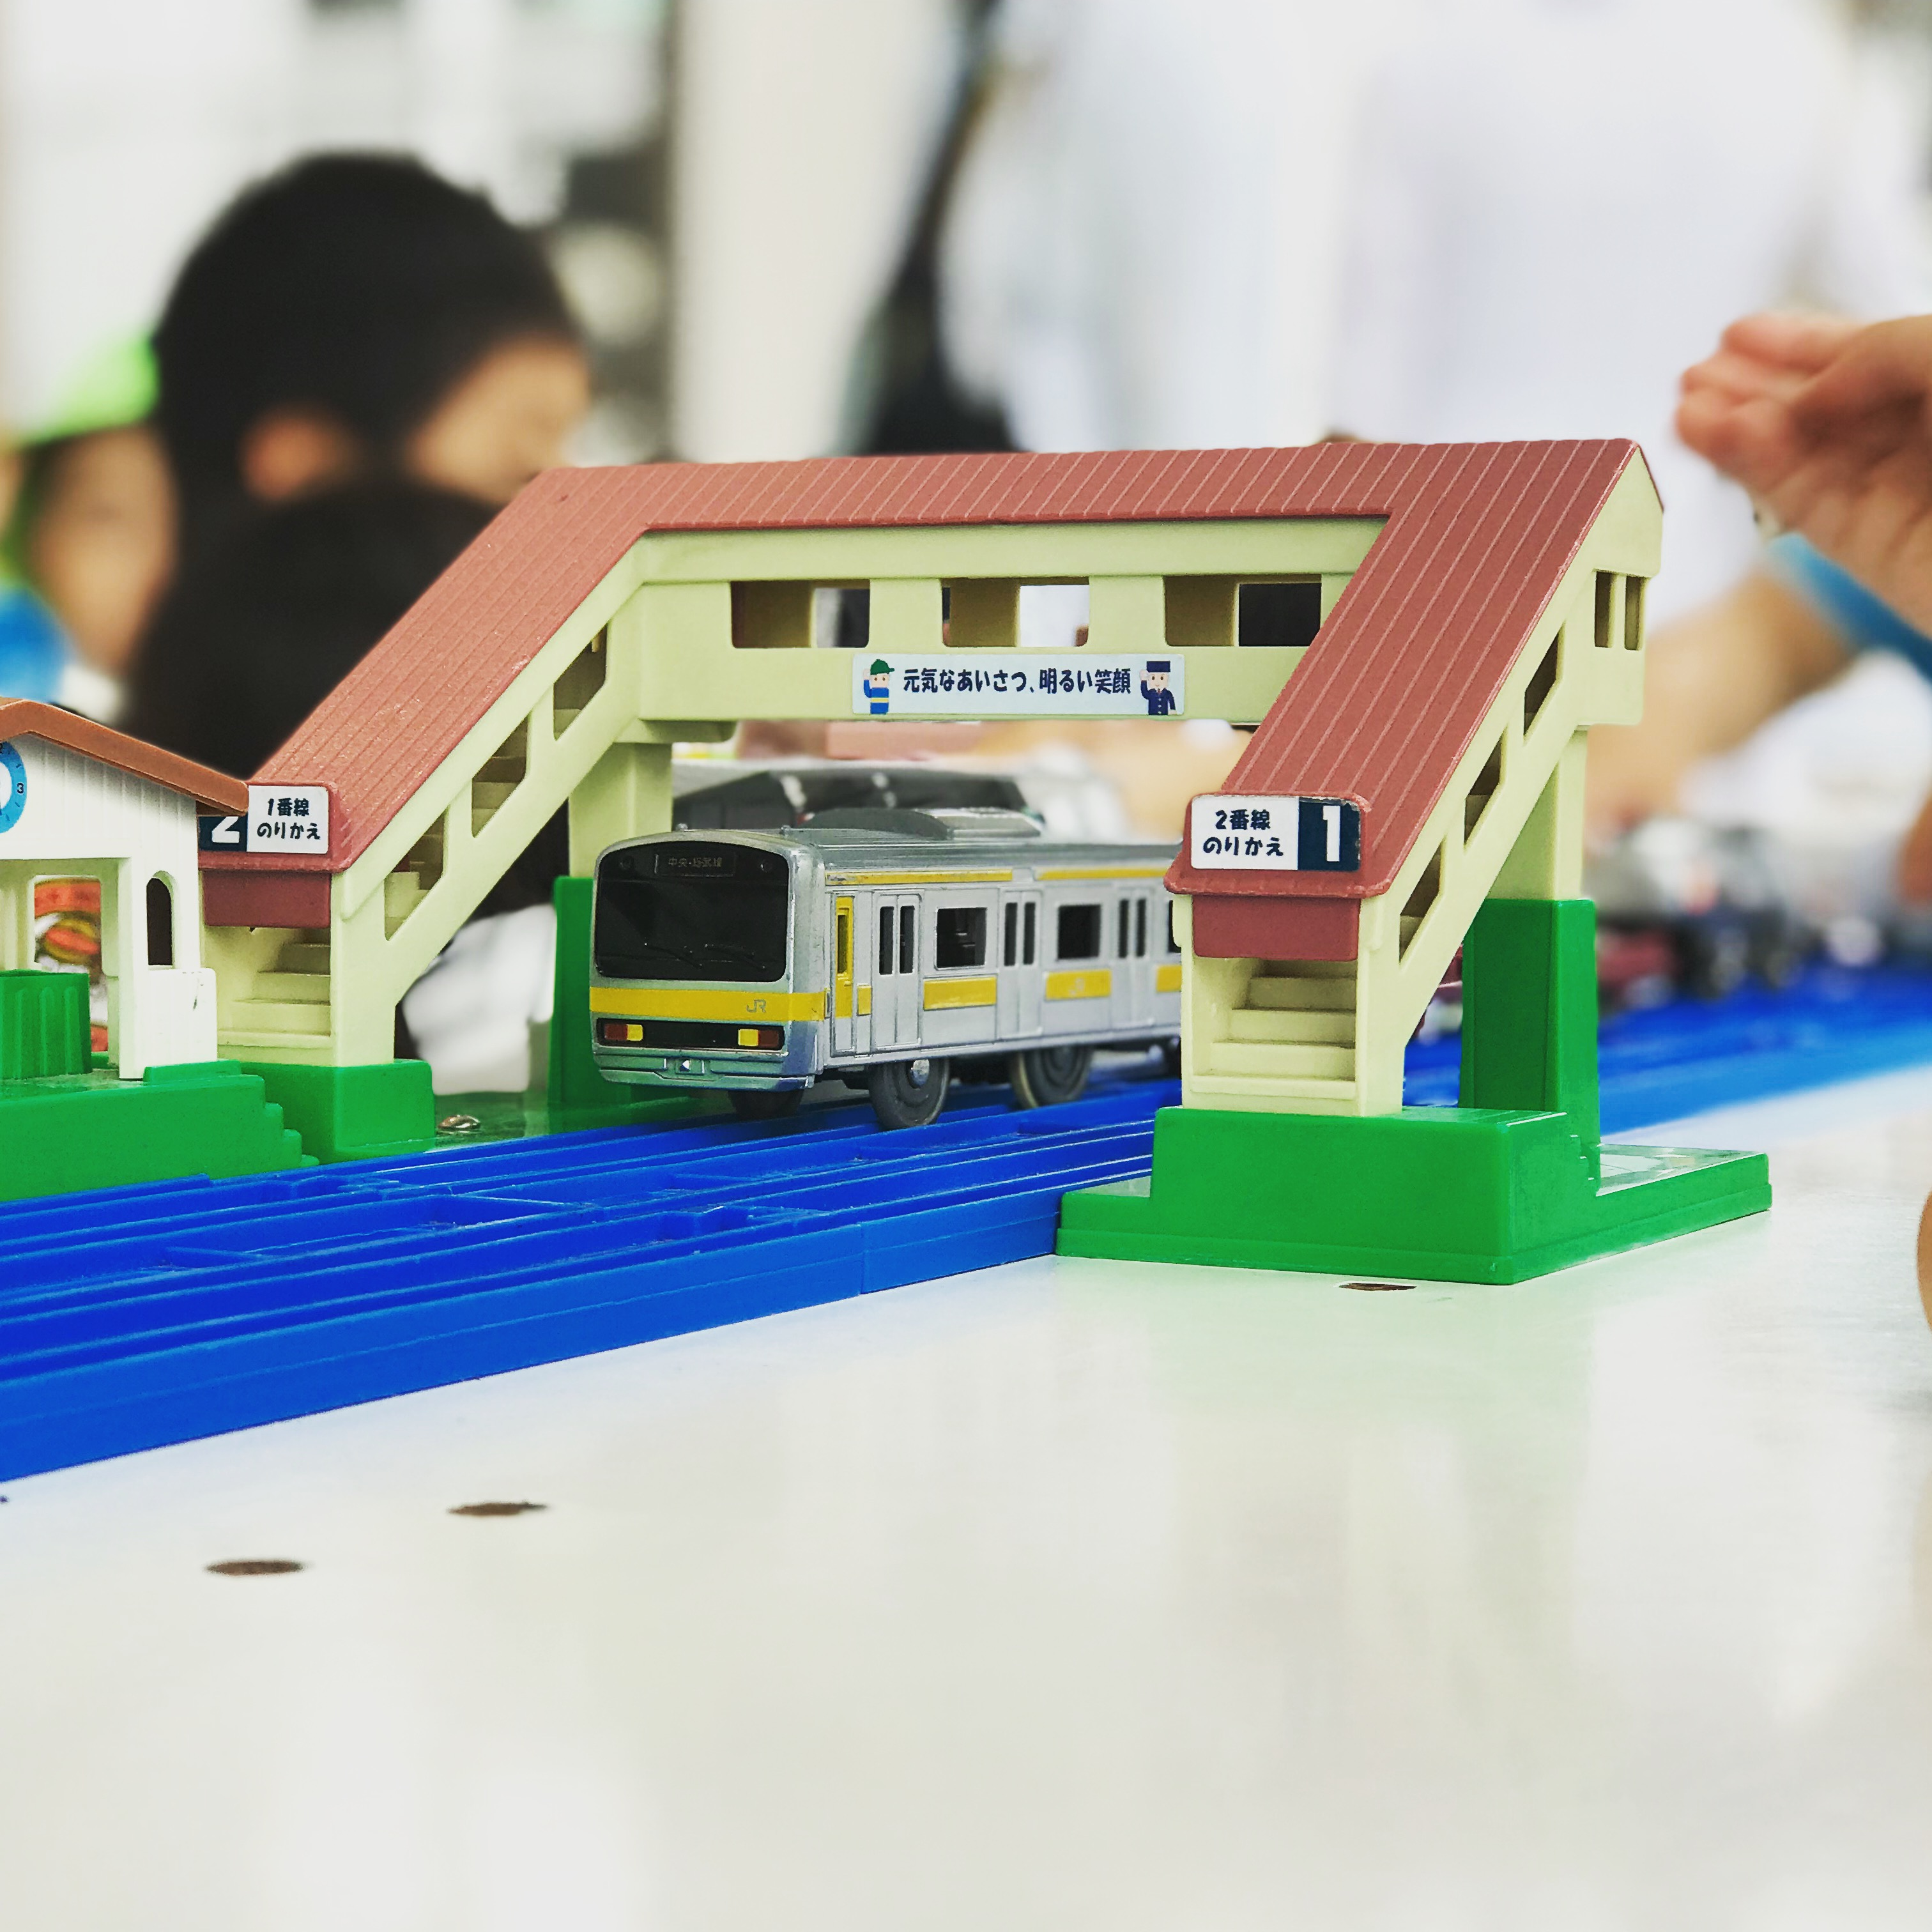 プラレールの総武線と駅の画像